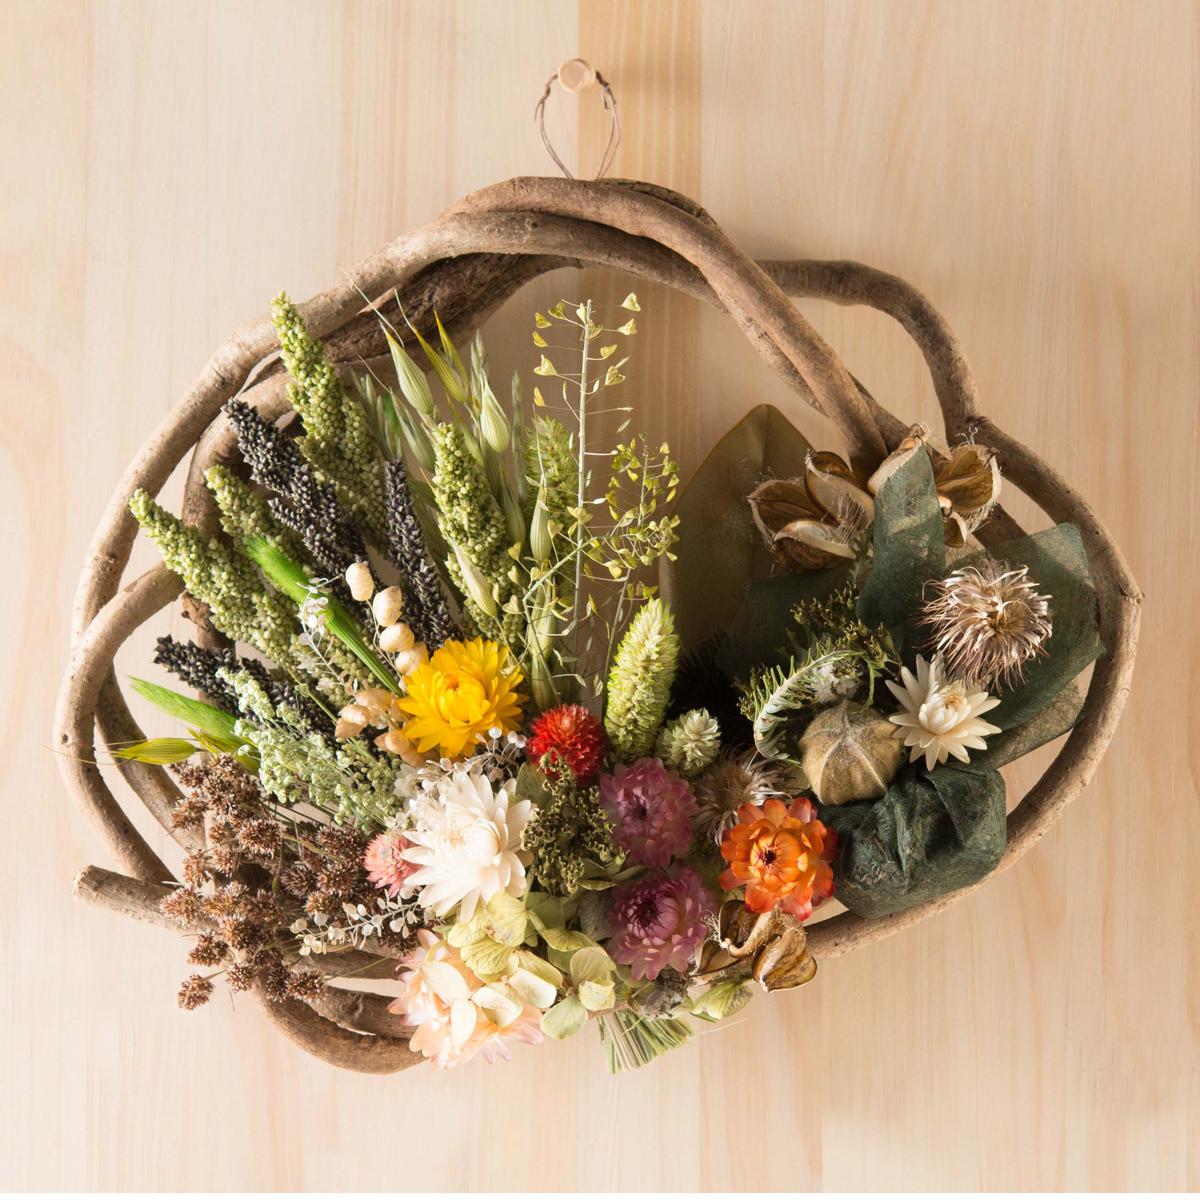 旭ラベンダー畑 ドライフラワー 大自然からの恵み 幸福のふくろう〔大サイズ×1・小サイズ×1〕